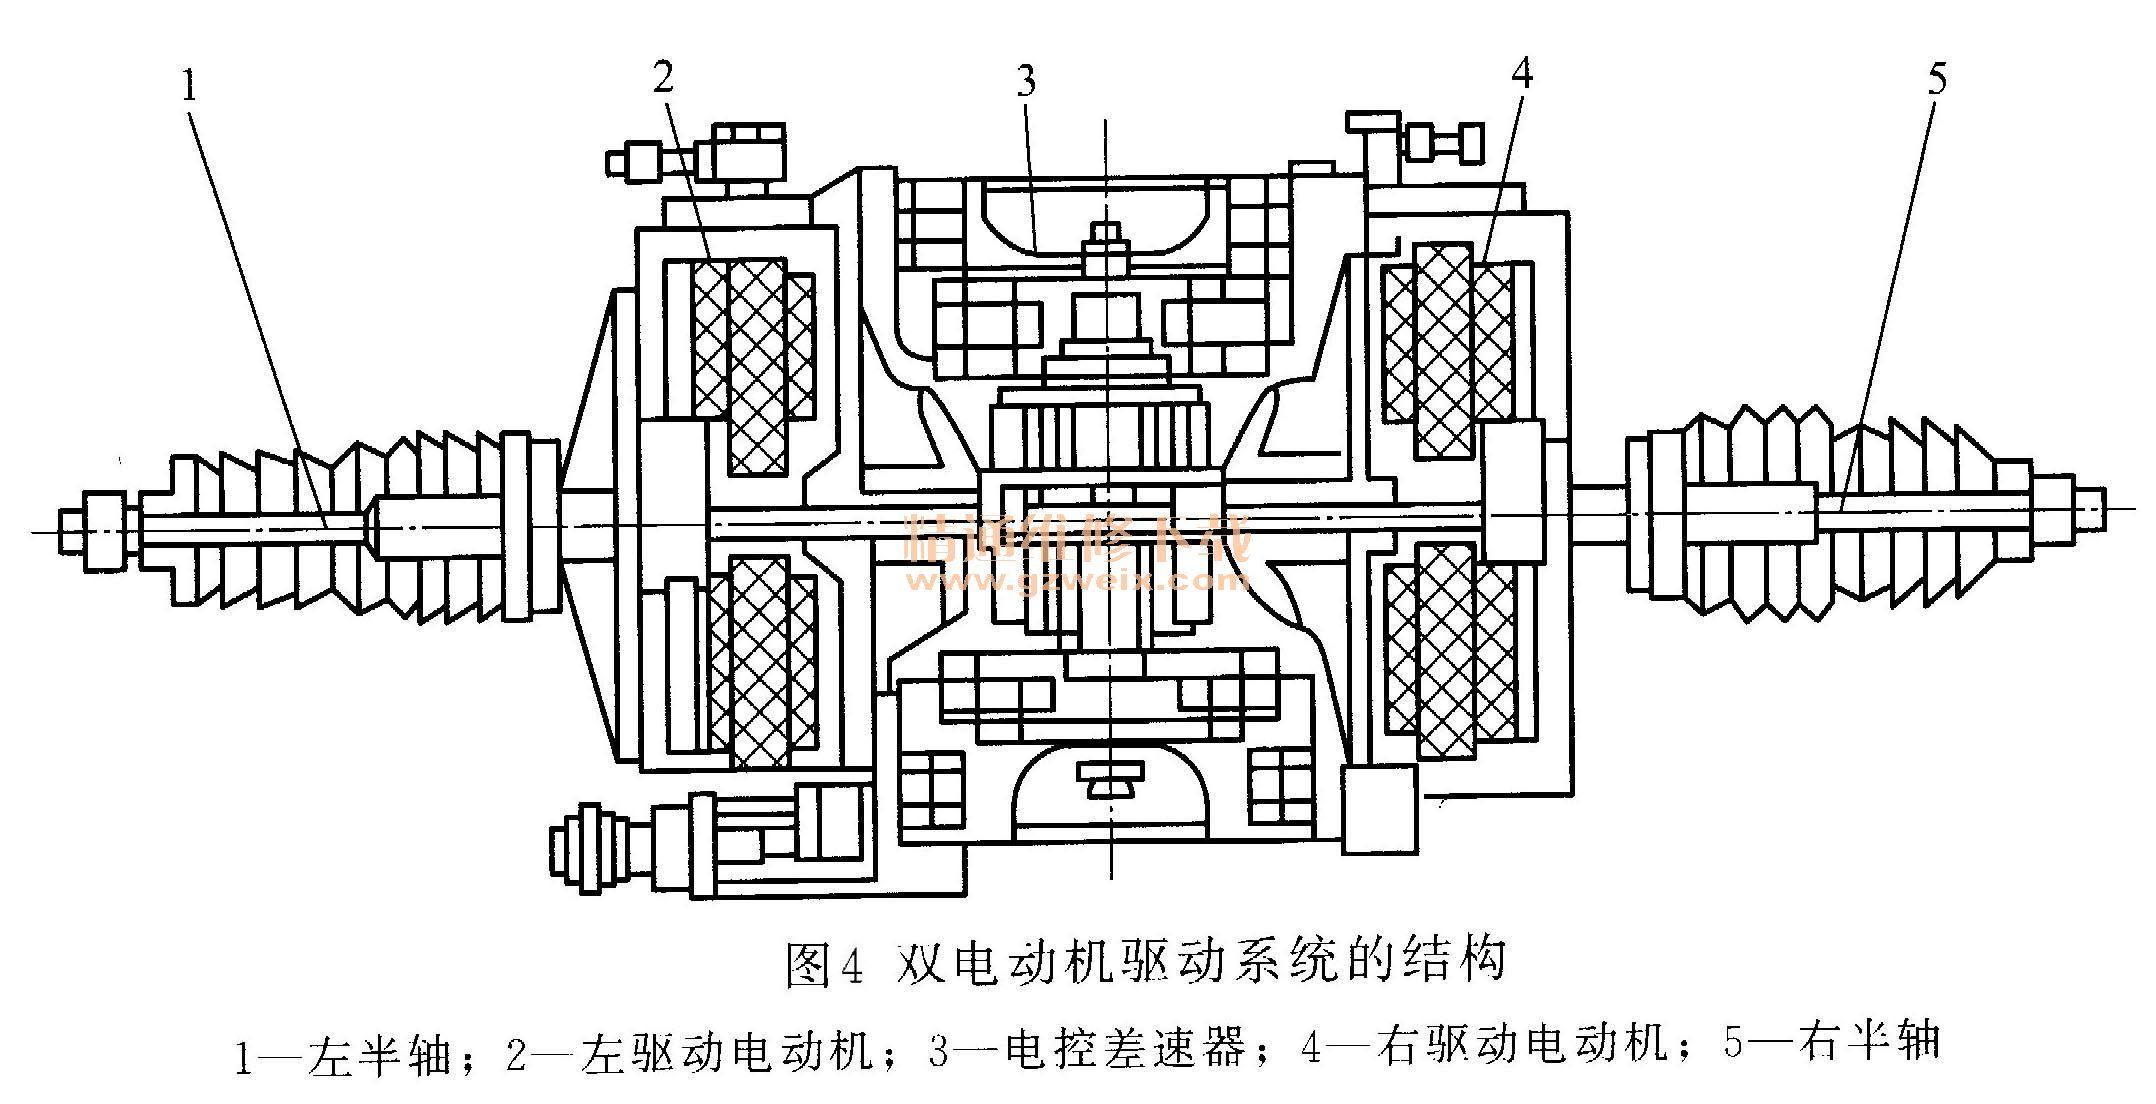 双电动机驱动桥传动系统和相同功率的单电动机驱动桥